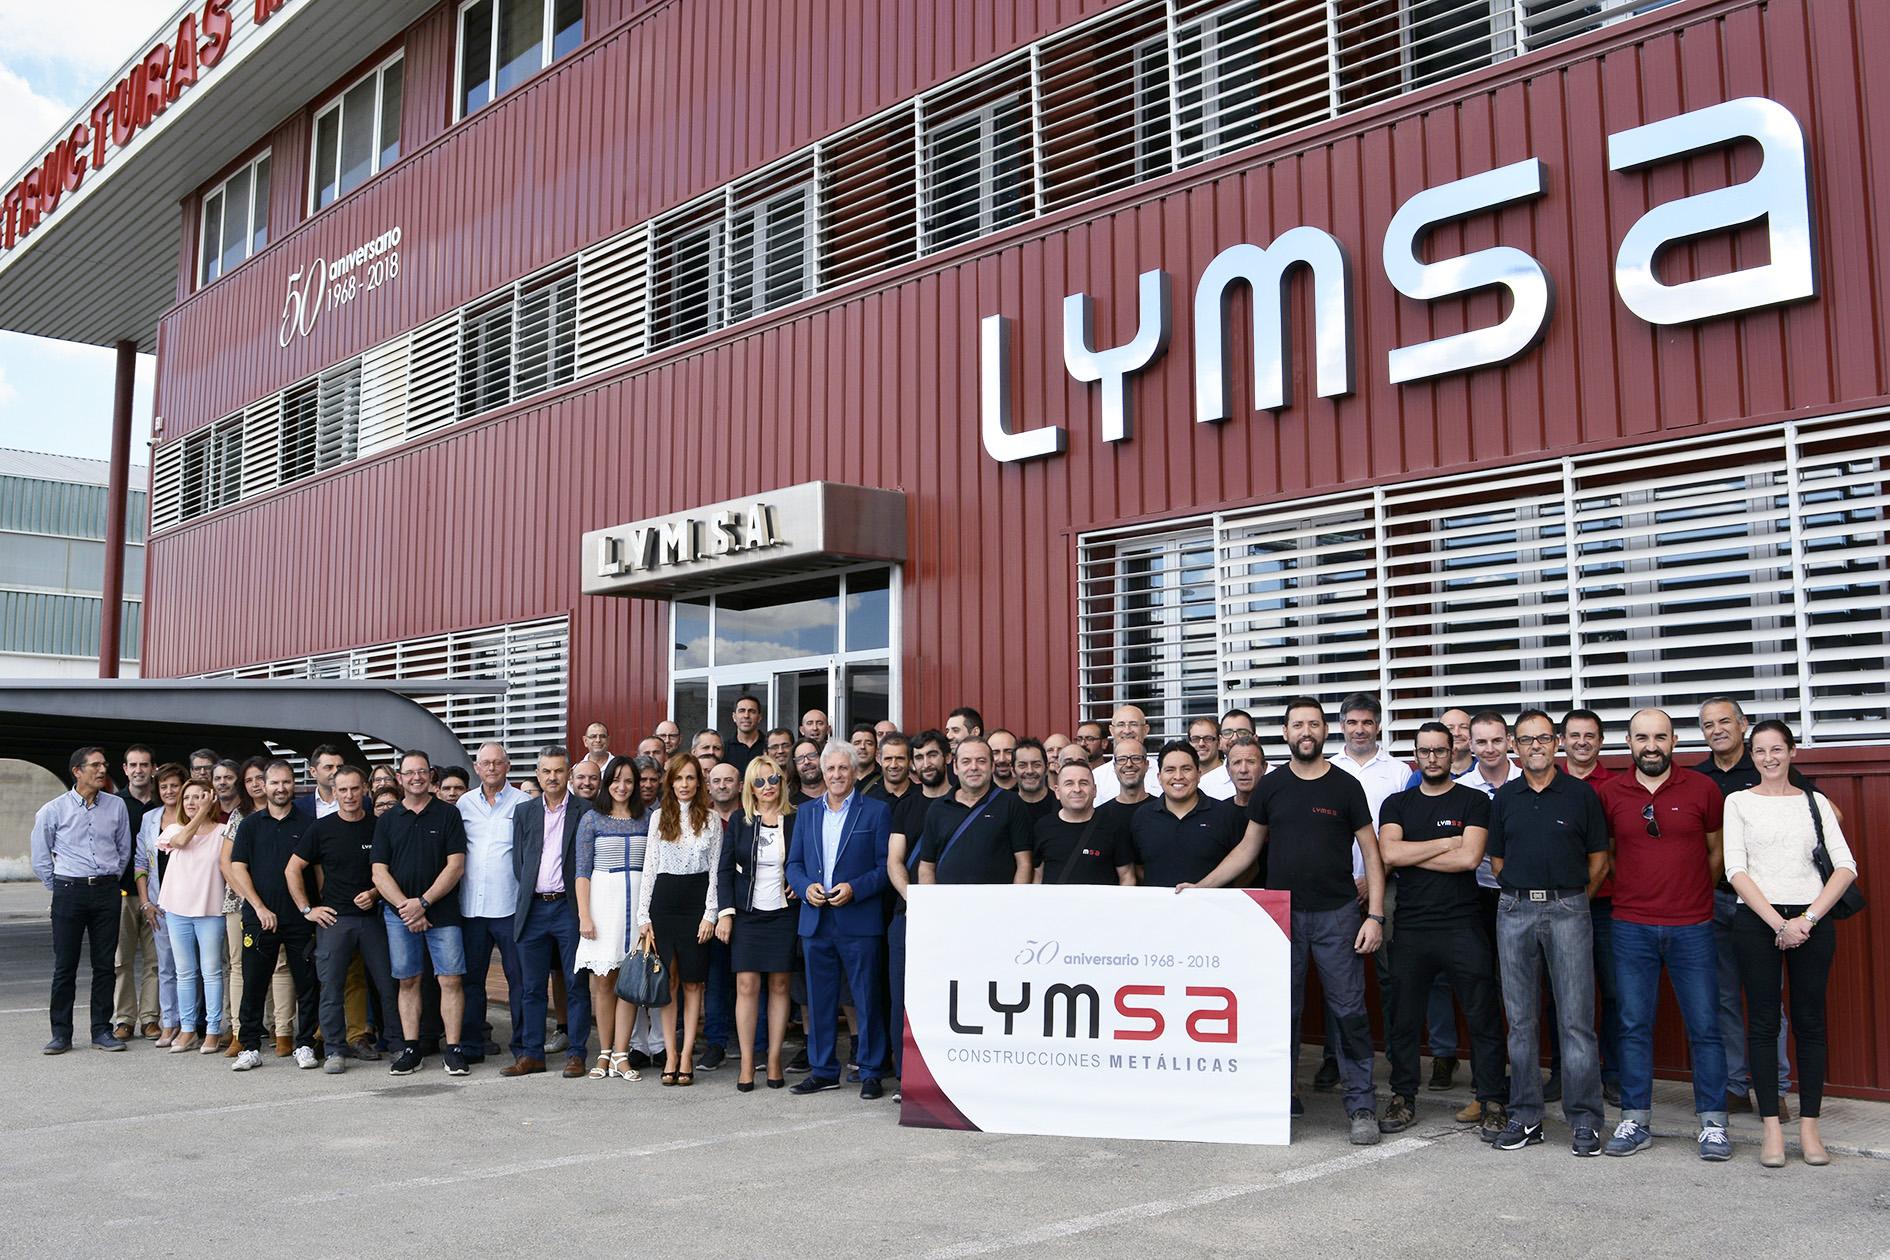 Lymsa foto familia 2017 aniversario